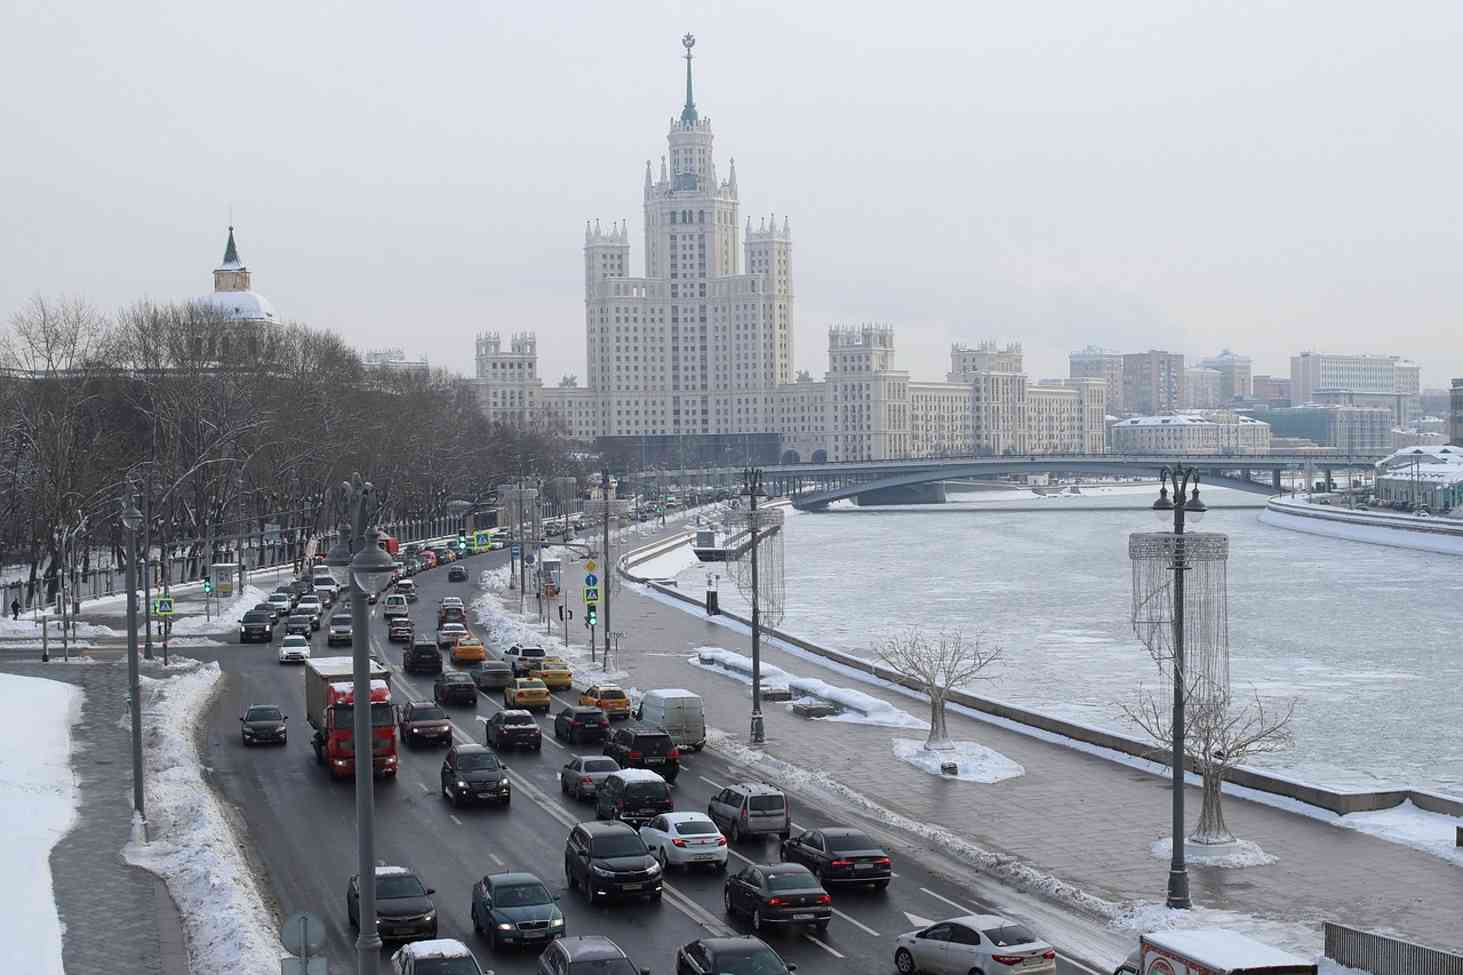 moskva-okazalas-samym-obrazovannym-regionom-rossii